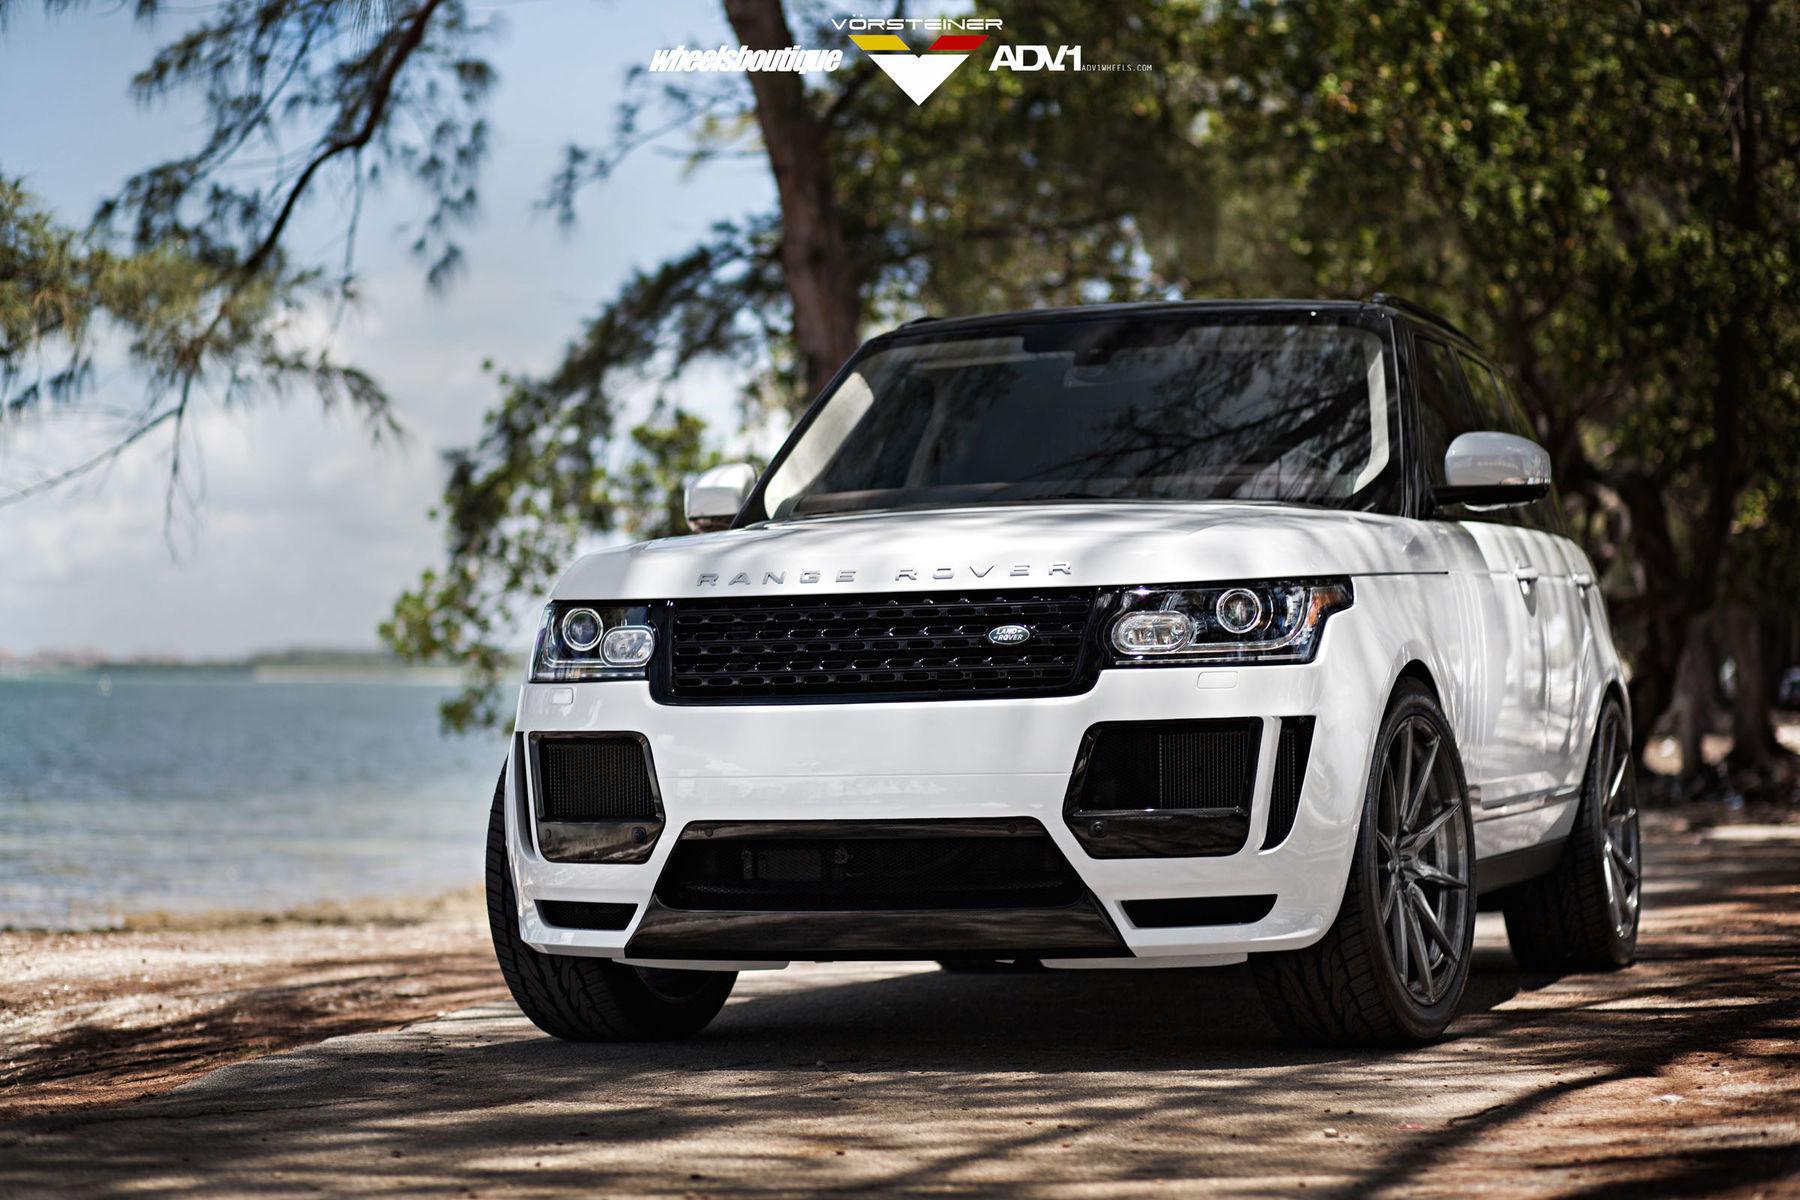 Land Rover Range Rover Sport | Vorsteiner Range Rover Autobiography